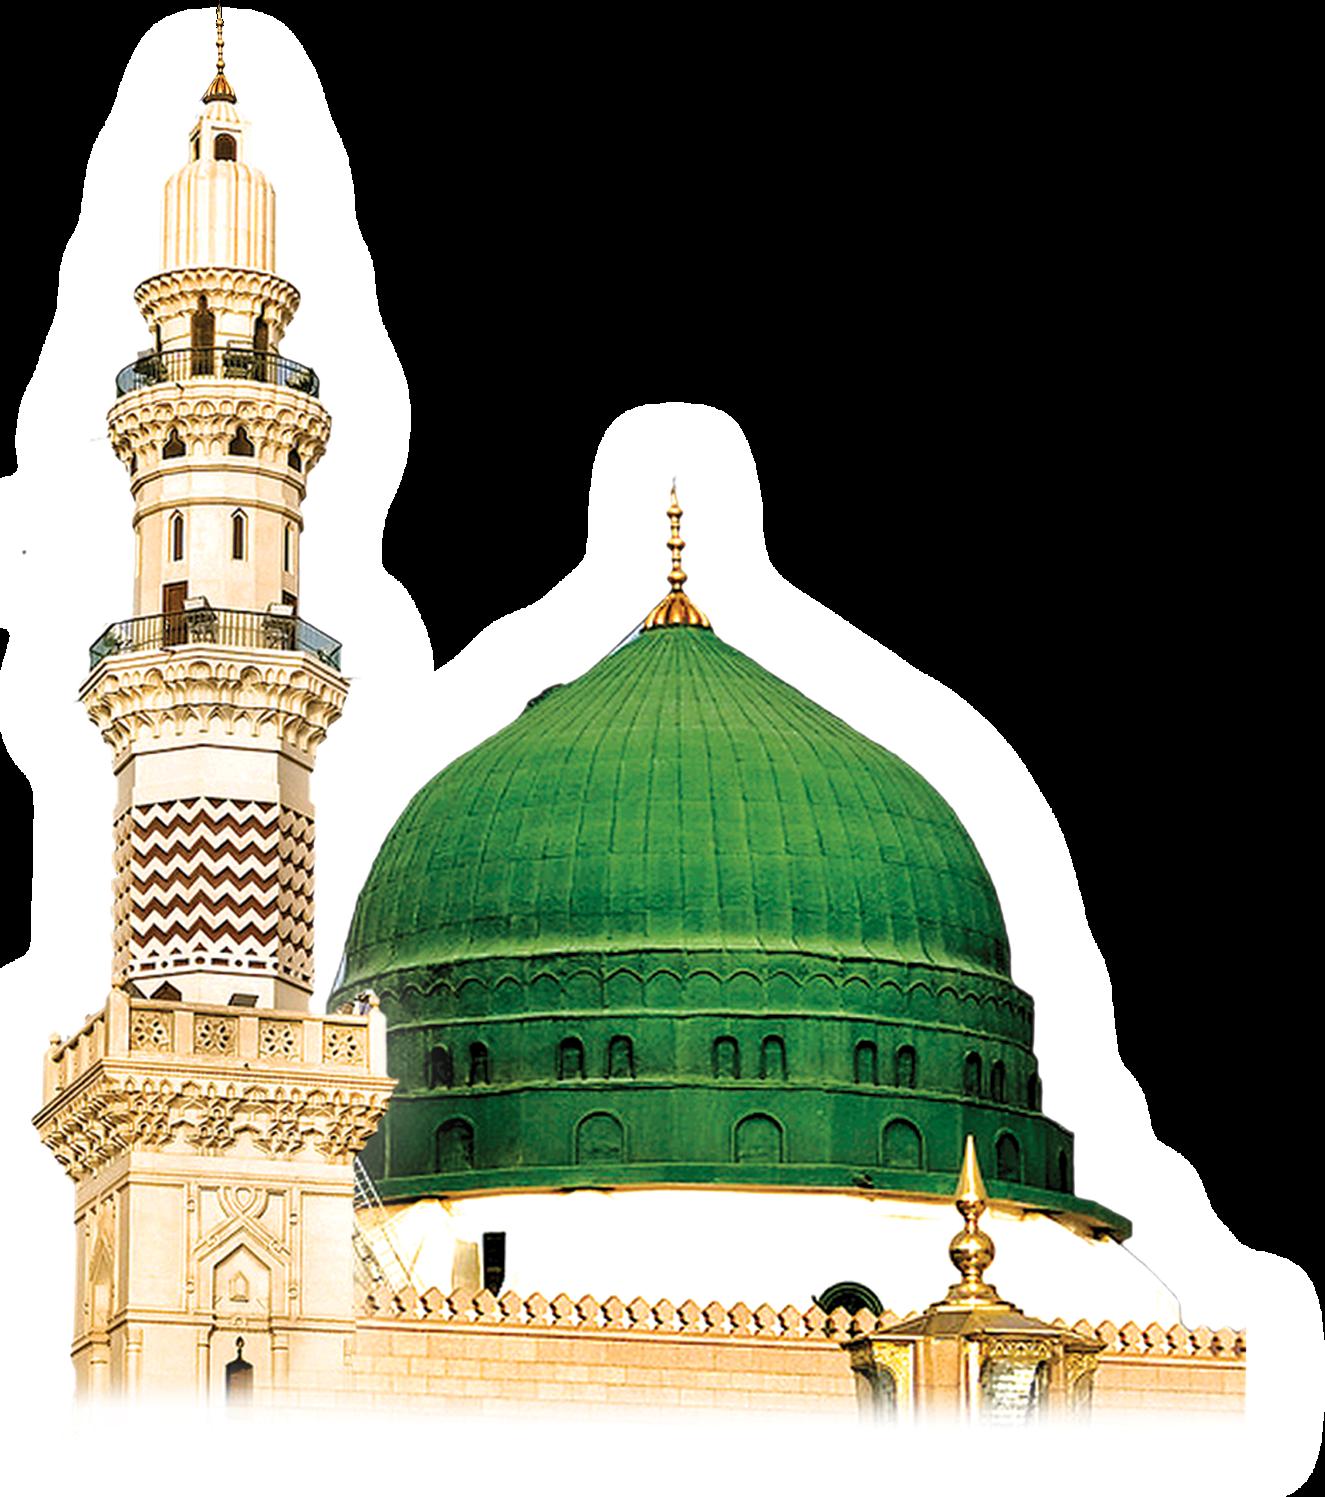 Gumbad e khizra png. Mosque clipart madina mosque